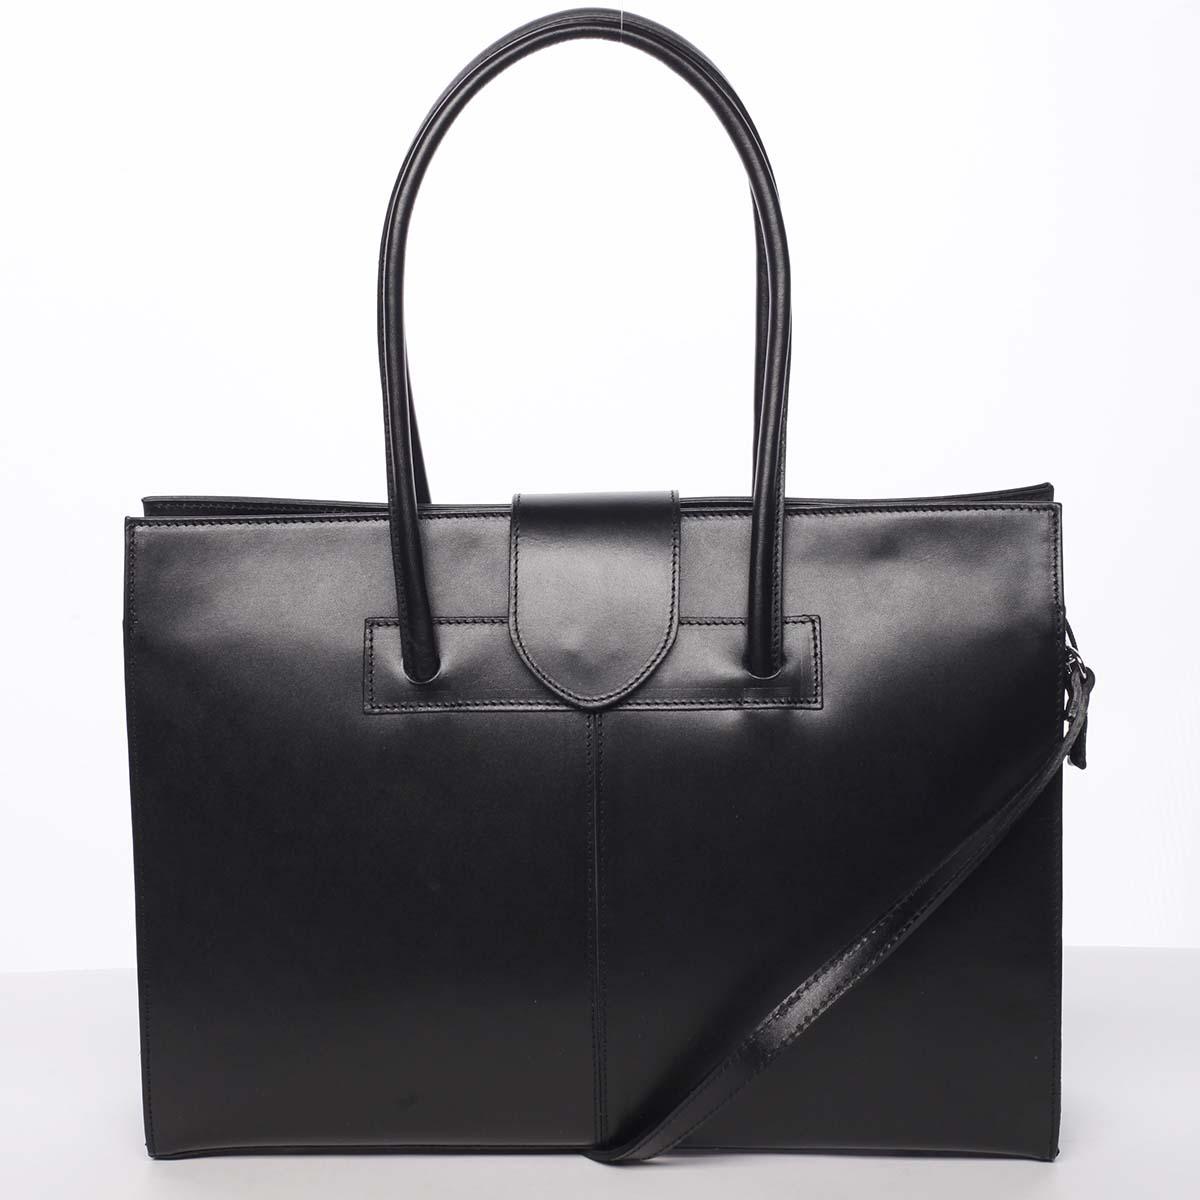 Elegantní a módní dámská kožená kabelka černá - ItalY Alison černá